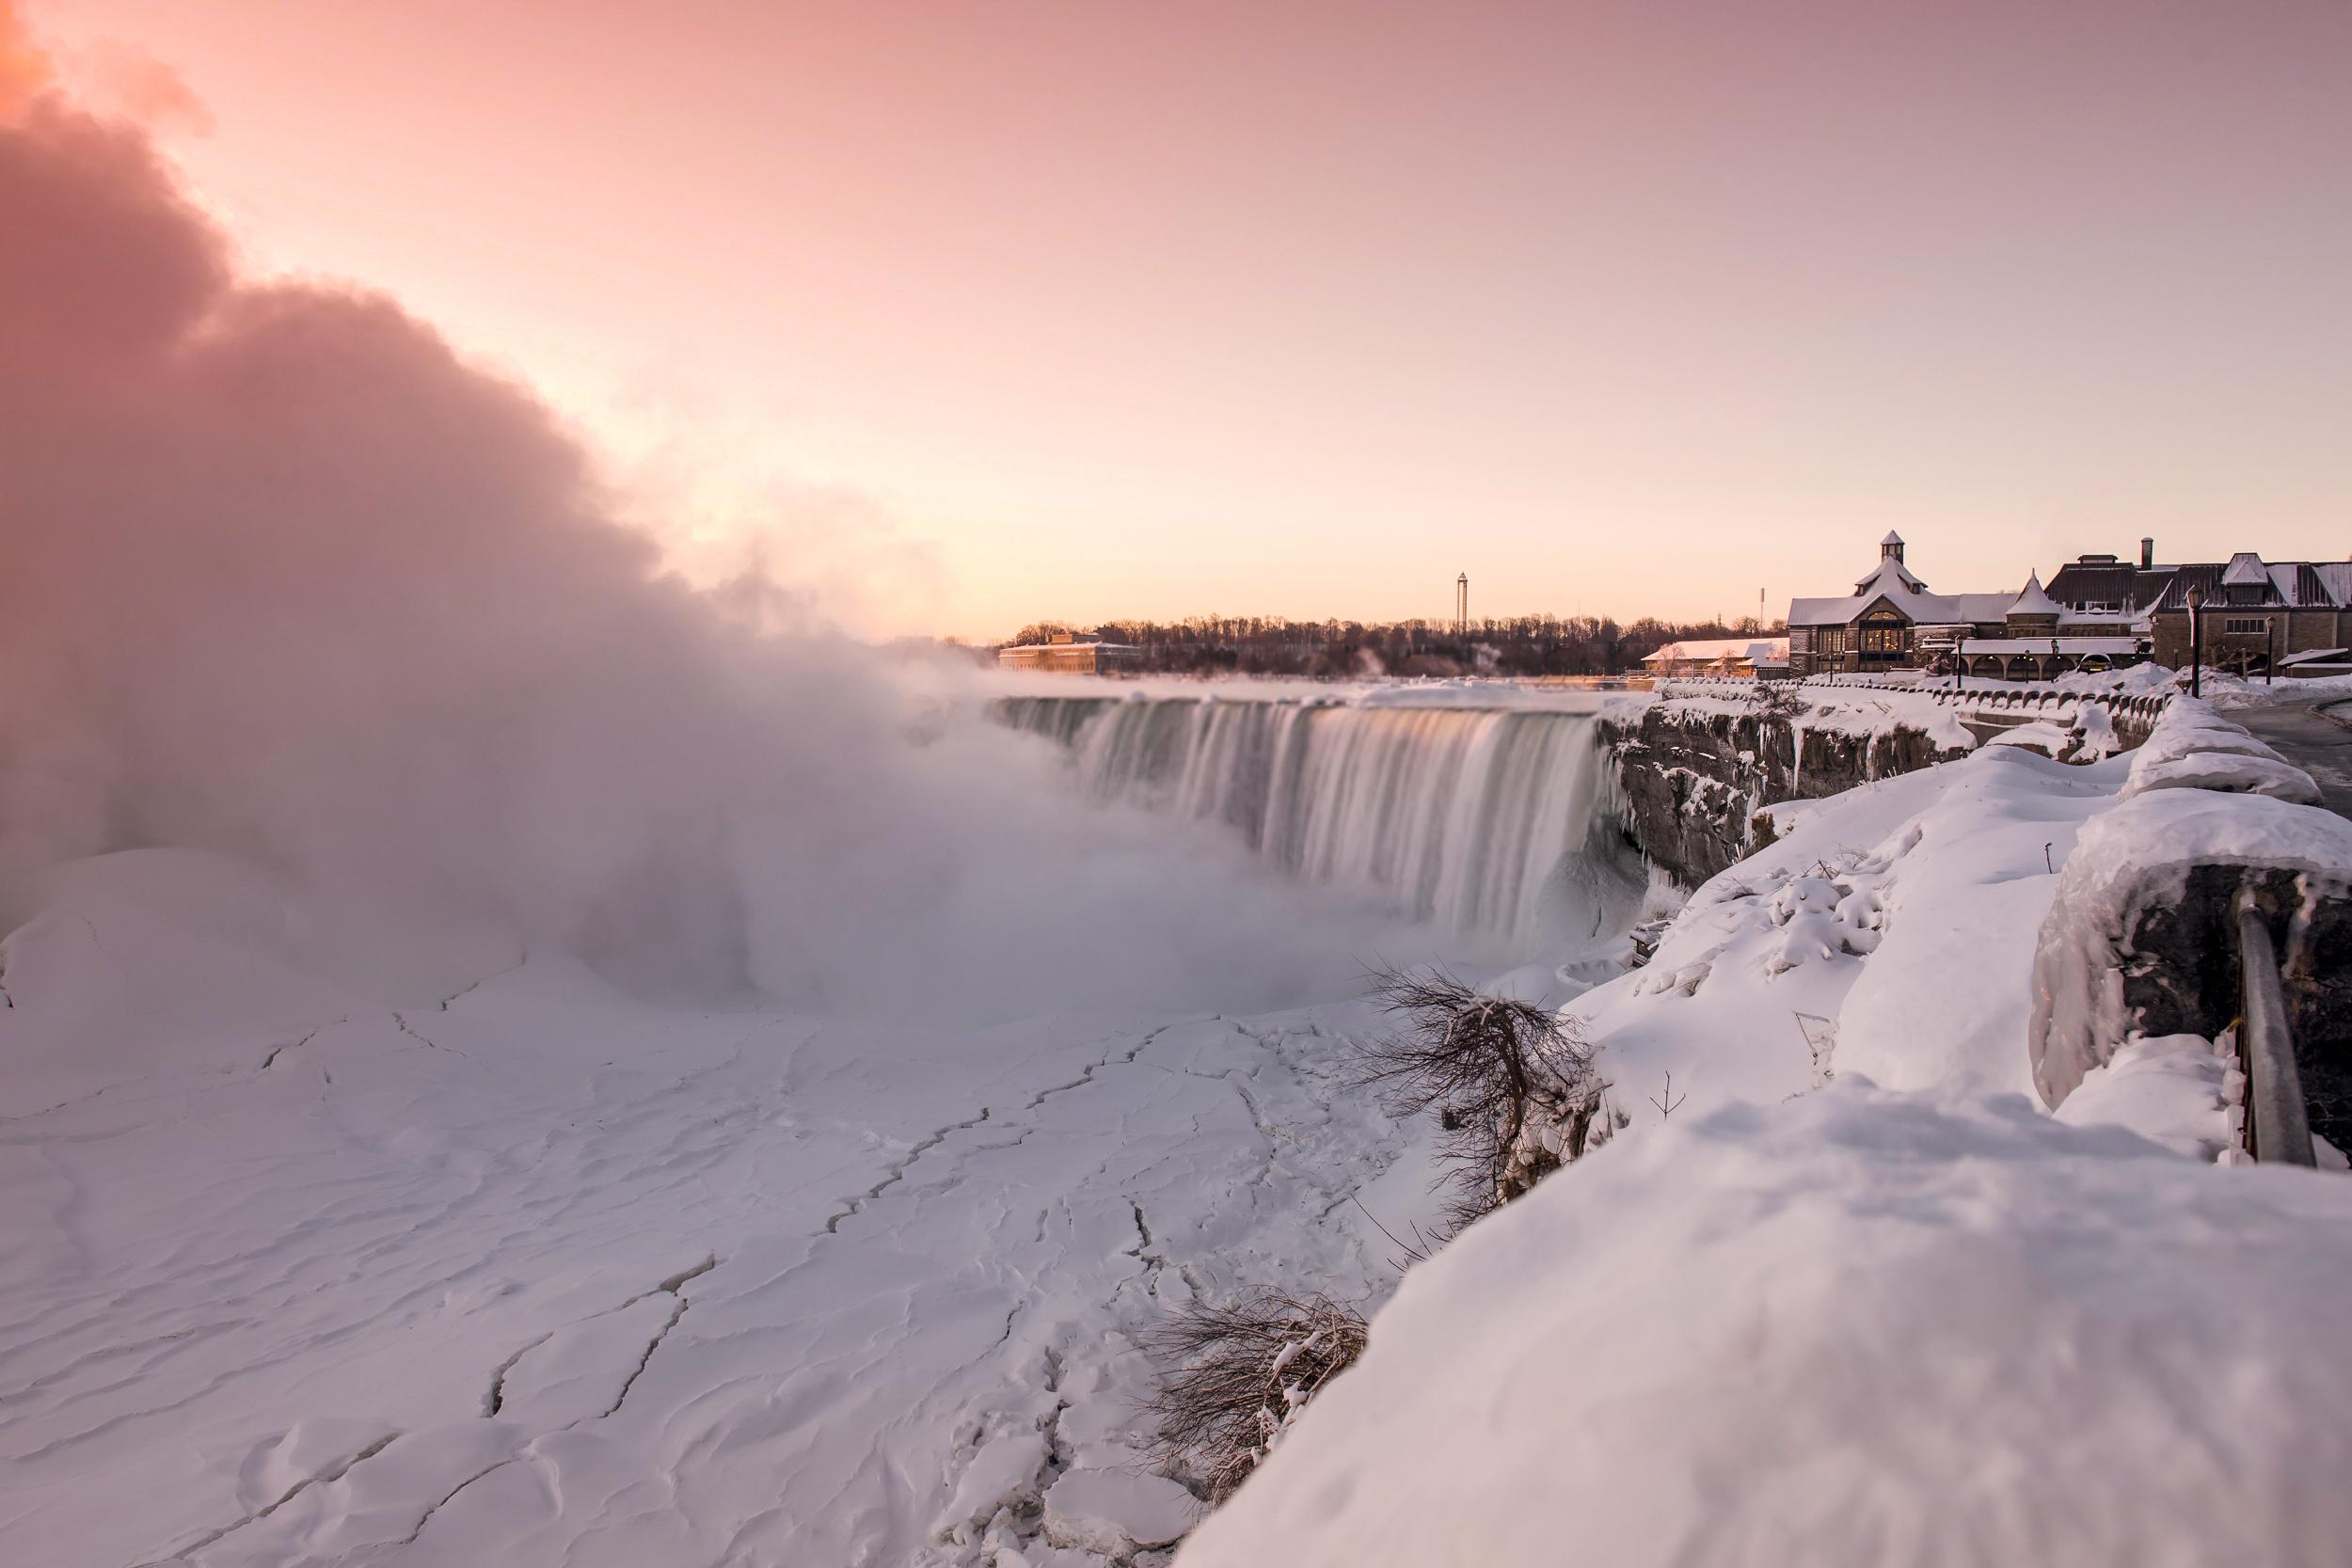 8 Ways To Explore Niagara Parks This Winter